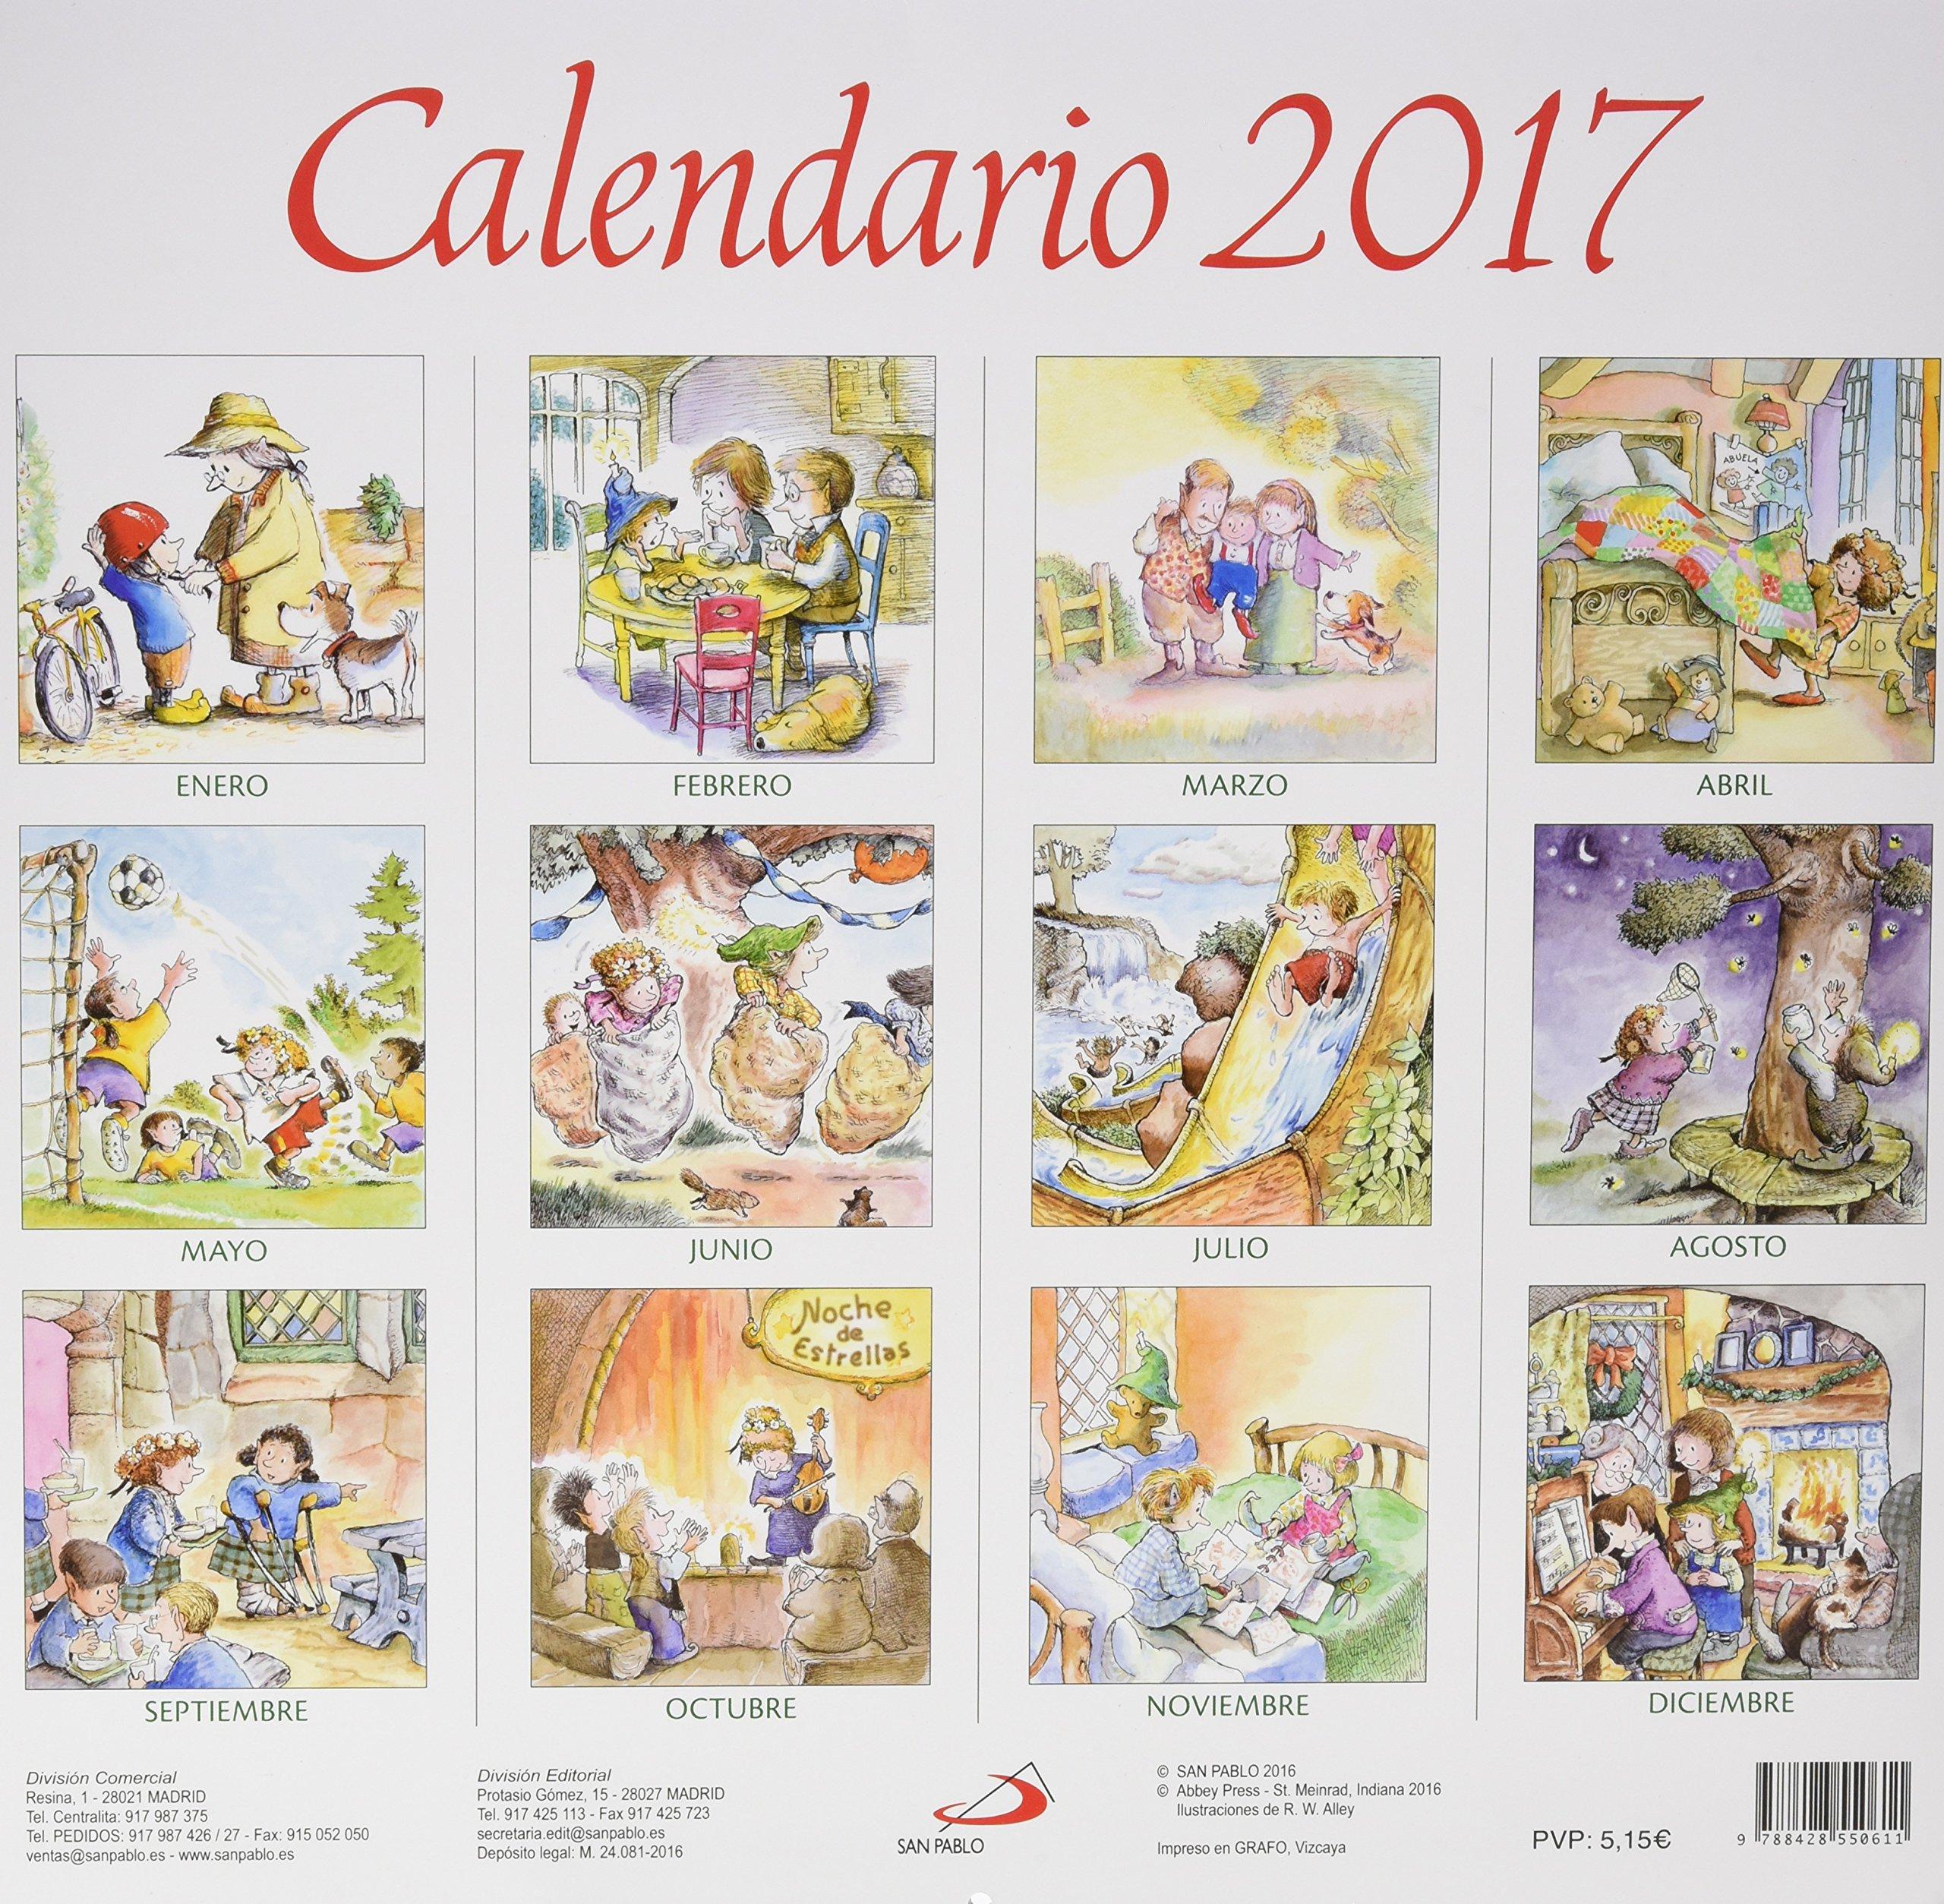 Calendario Un consejo para cada mes 2017 Calendarios y Agendas: Amazon.es: Equipo San Pablo: Libros